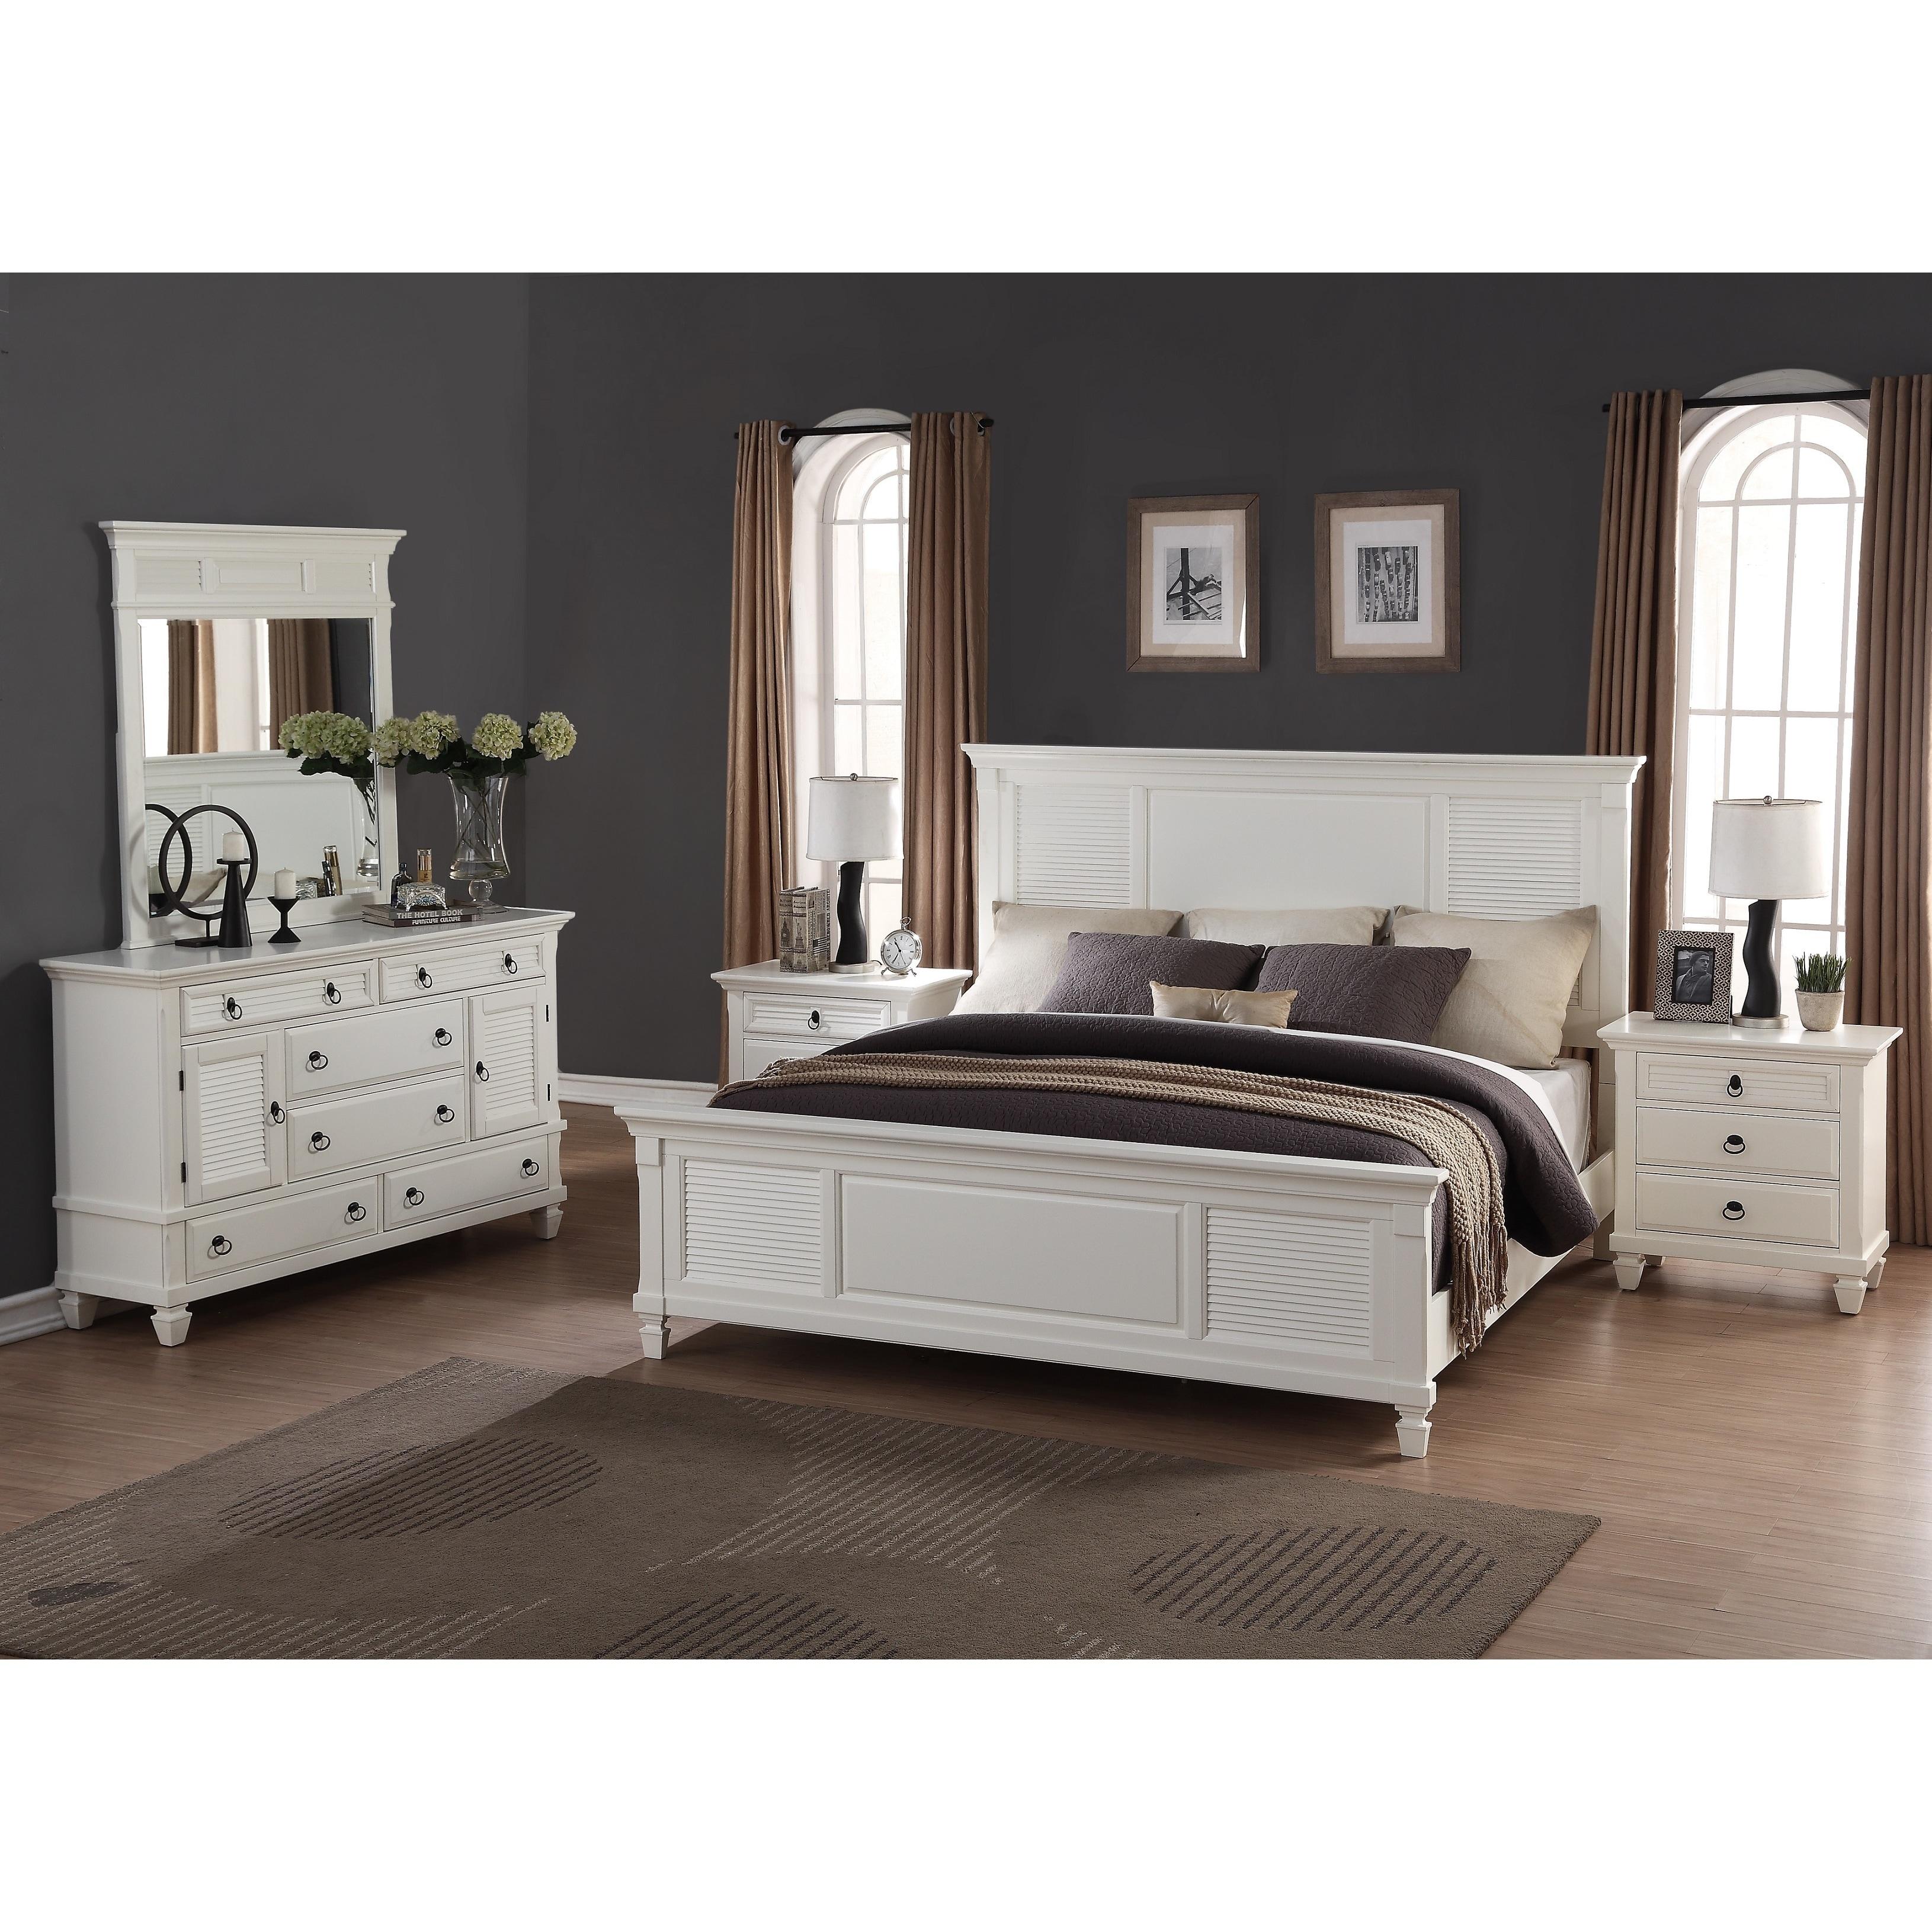 Regitina White 5 Piece Queen Size Bedroom Furniture Set Overstock 12602051